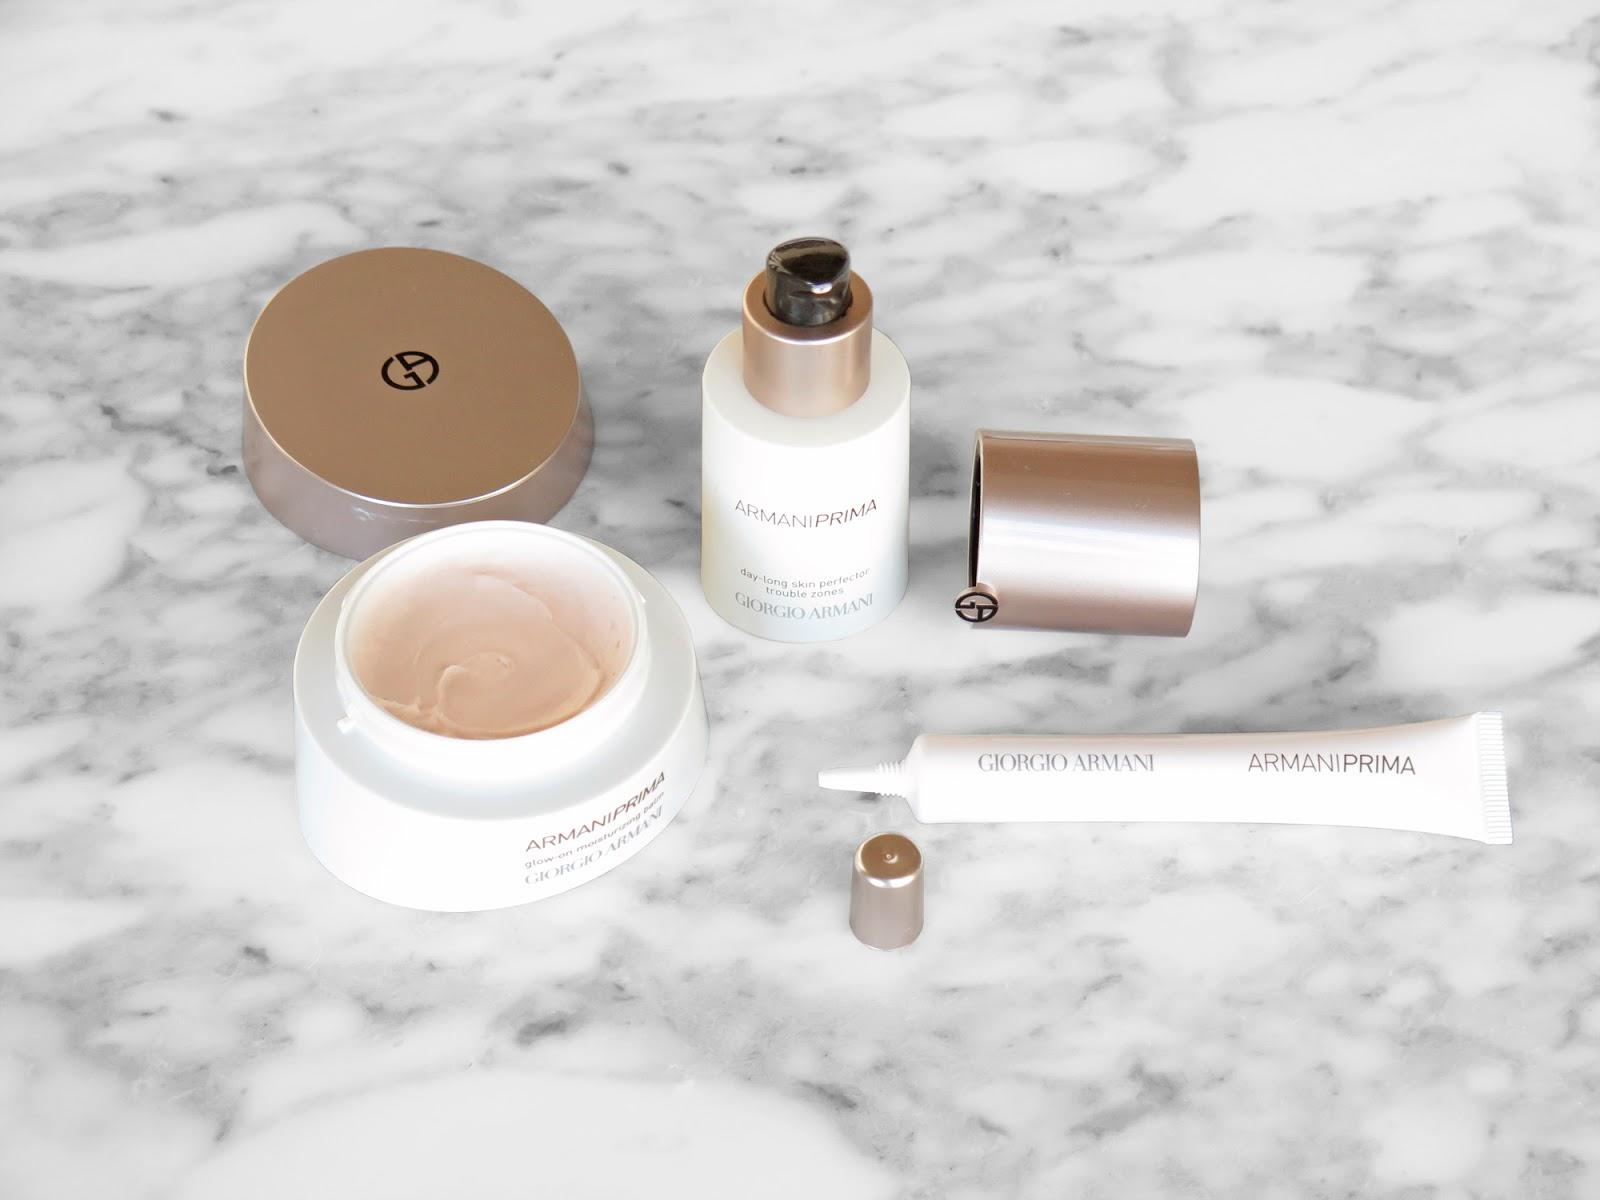 Armani Prima Skincare Review